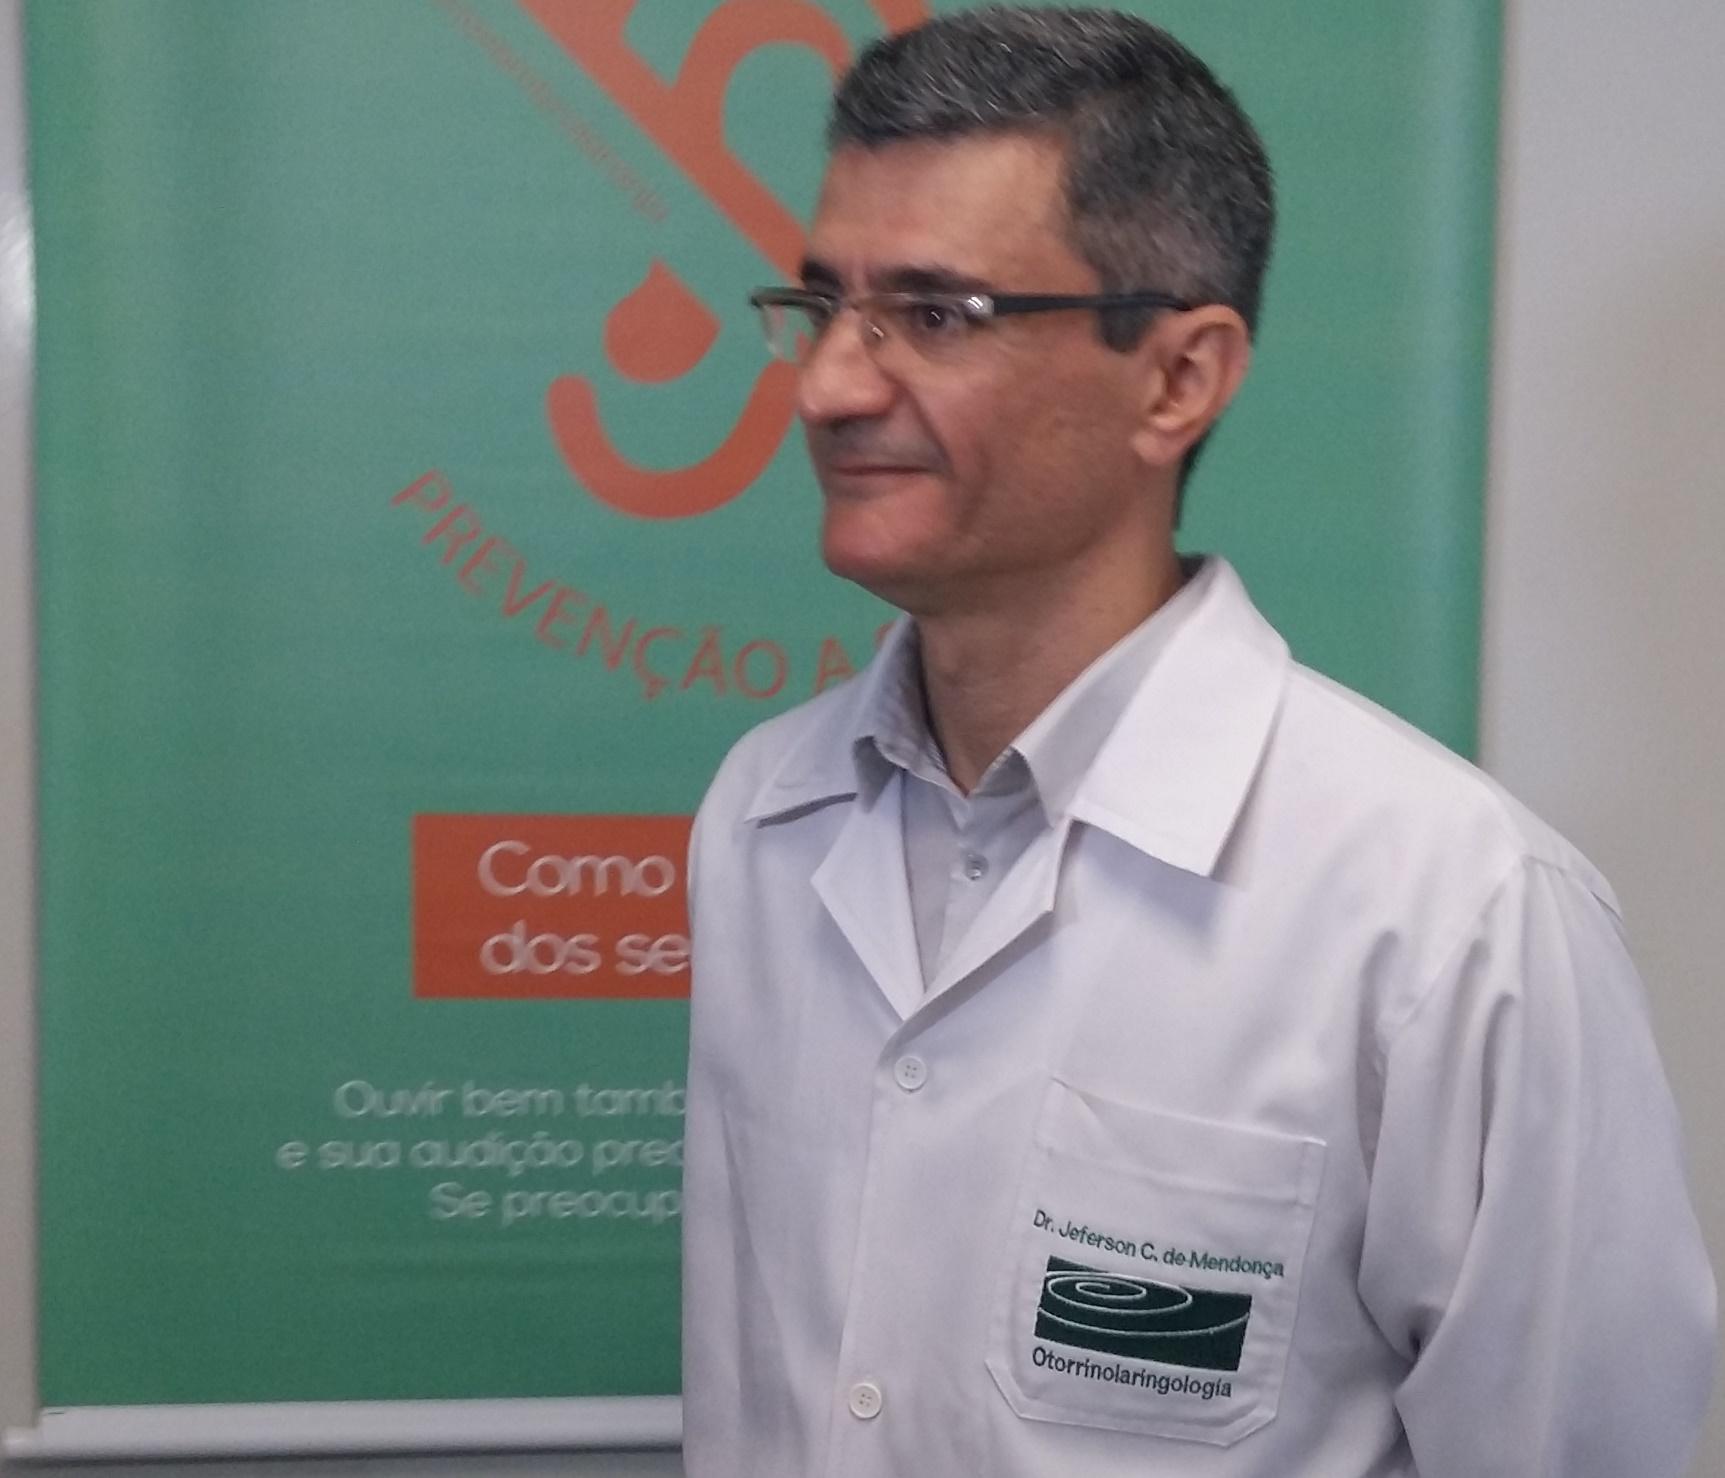 HUM conta com serviço de implante coclear